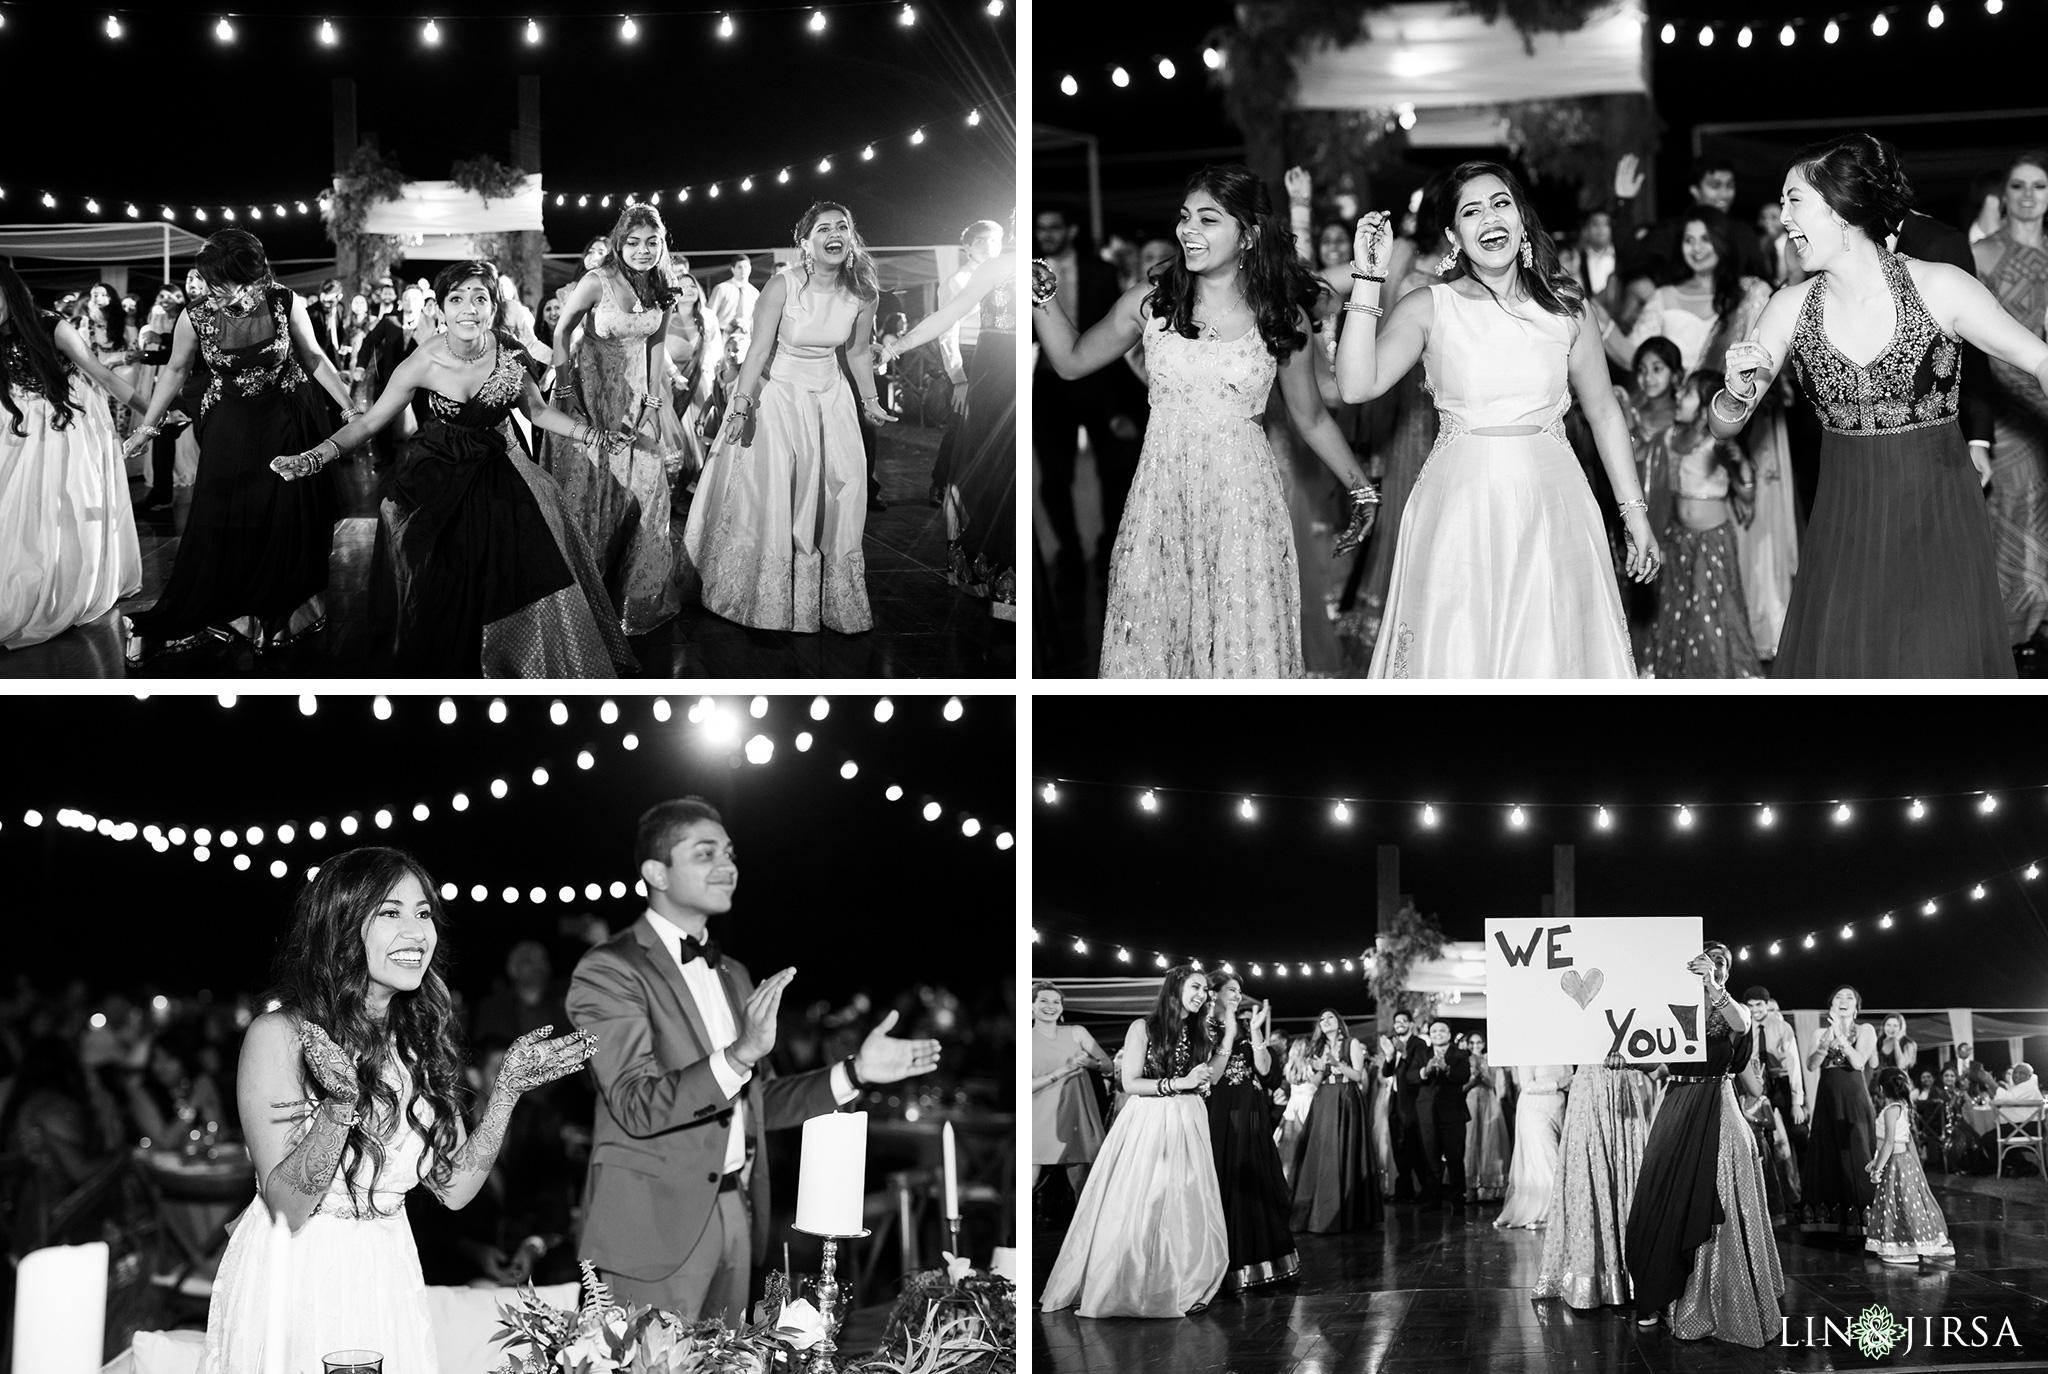 ethereal open air resort wedding dance floor photos